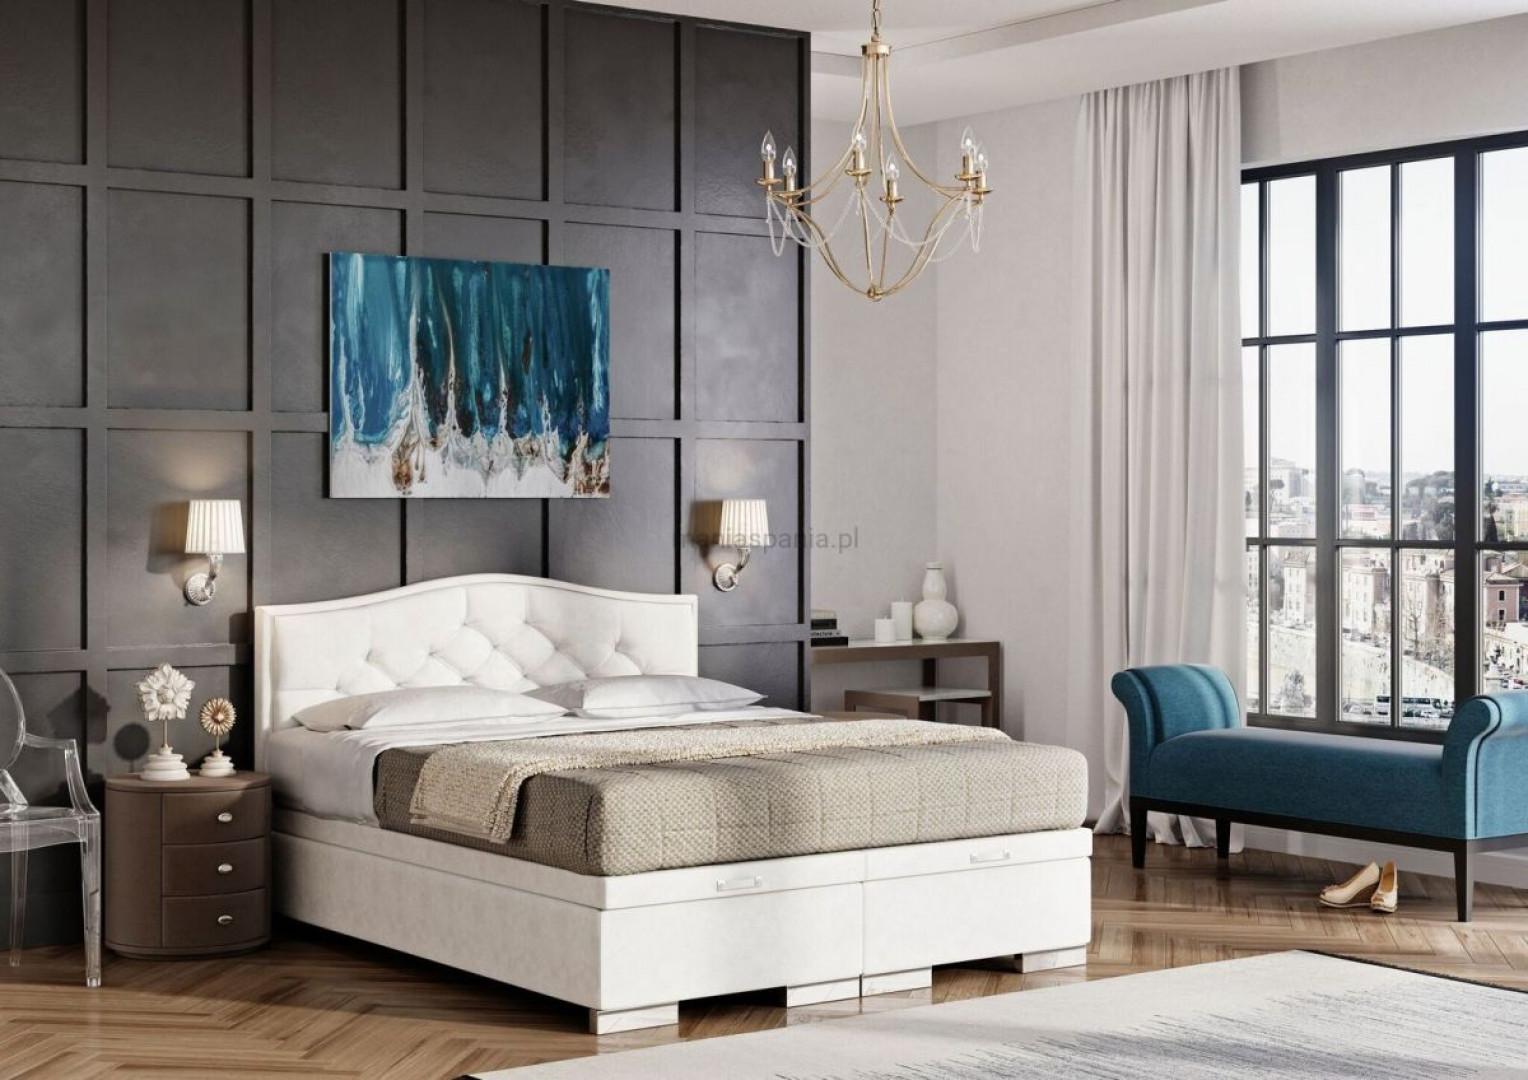 Centralnym punktem sypialni w stylu glamour jest okazałe łóżko, koniecznie z pikowanym wezgłowie. Fot. Materiały prasowe Publicum